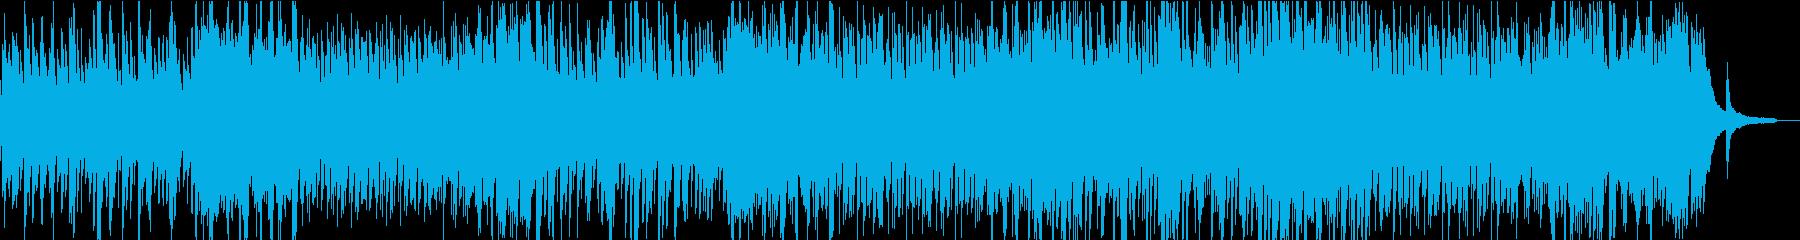 情熱的なピアノソロの再生済みの波形